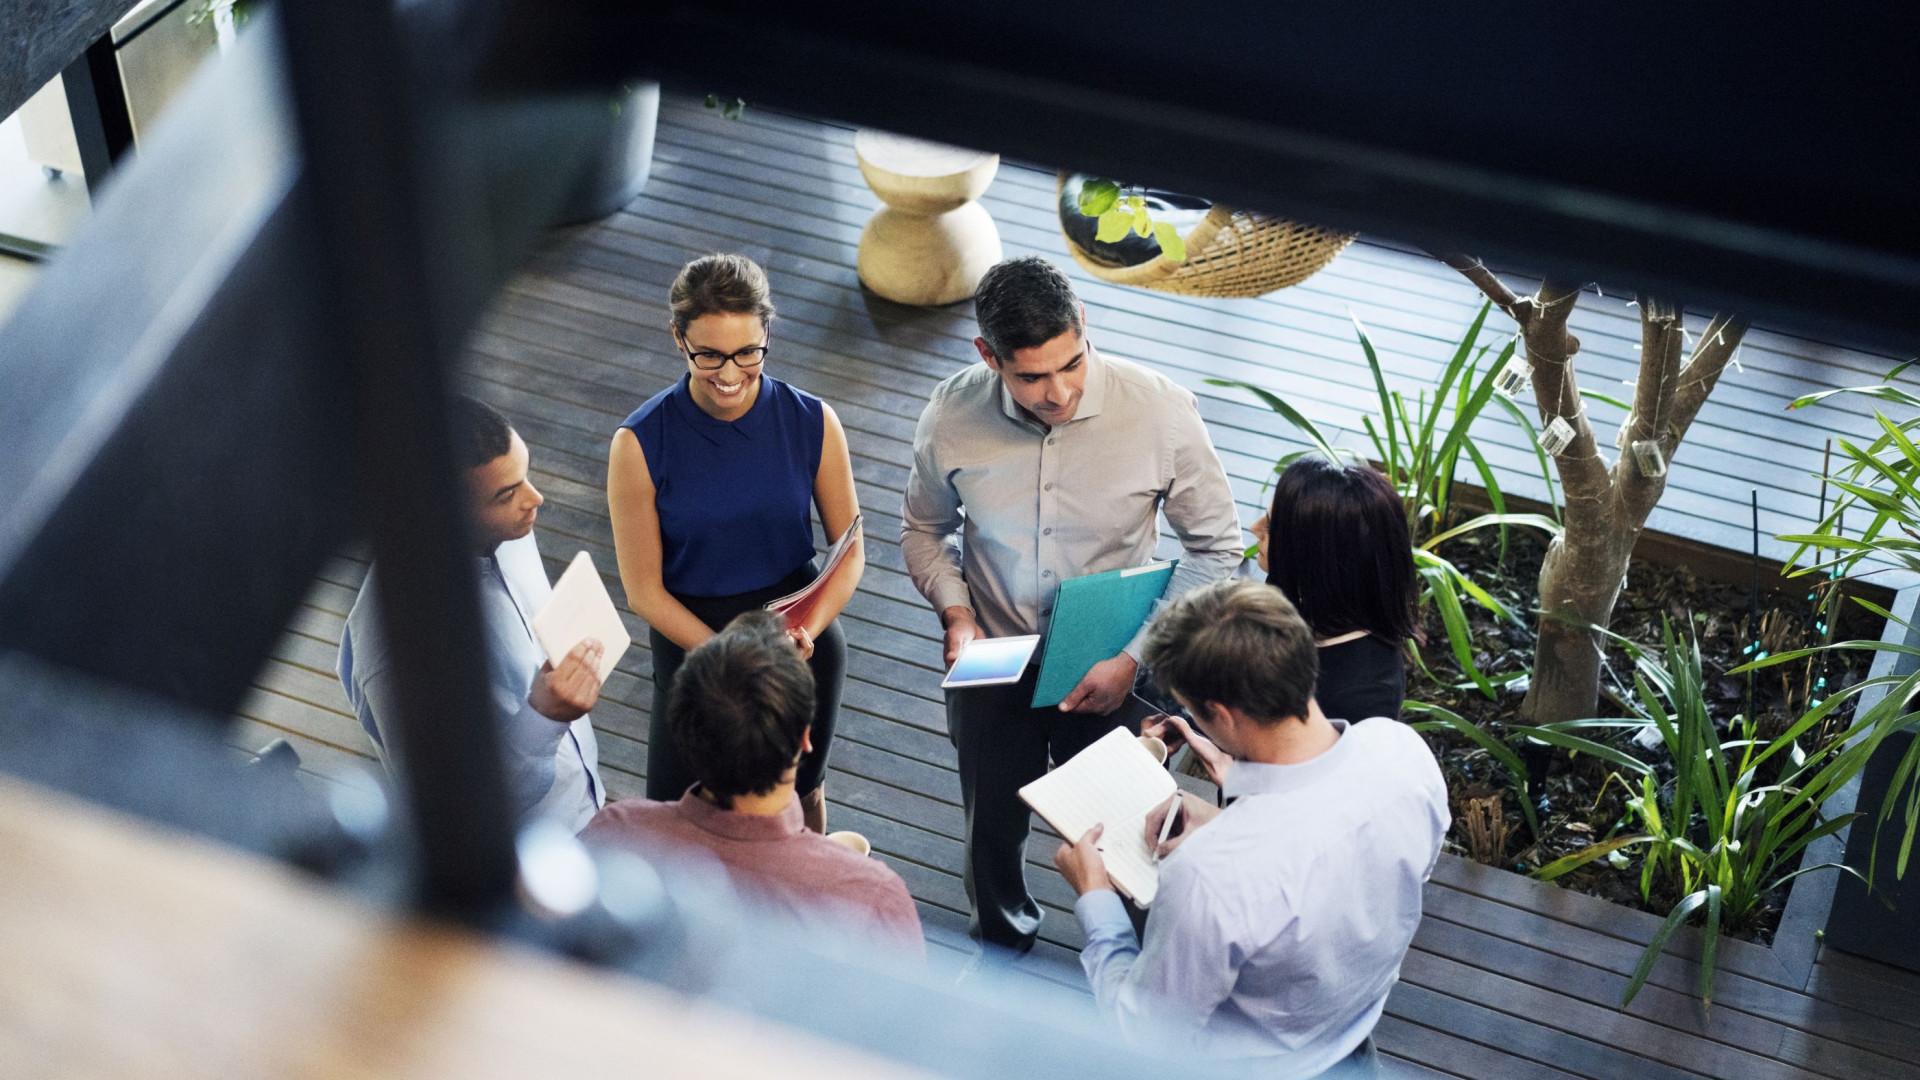 Empresas com práticas de gestão têm melhor desempenho económico